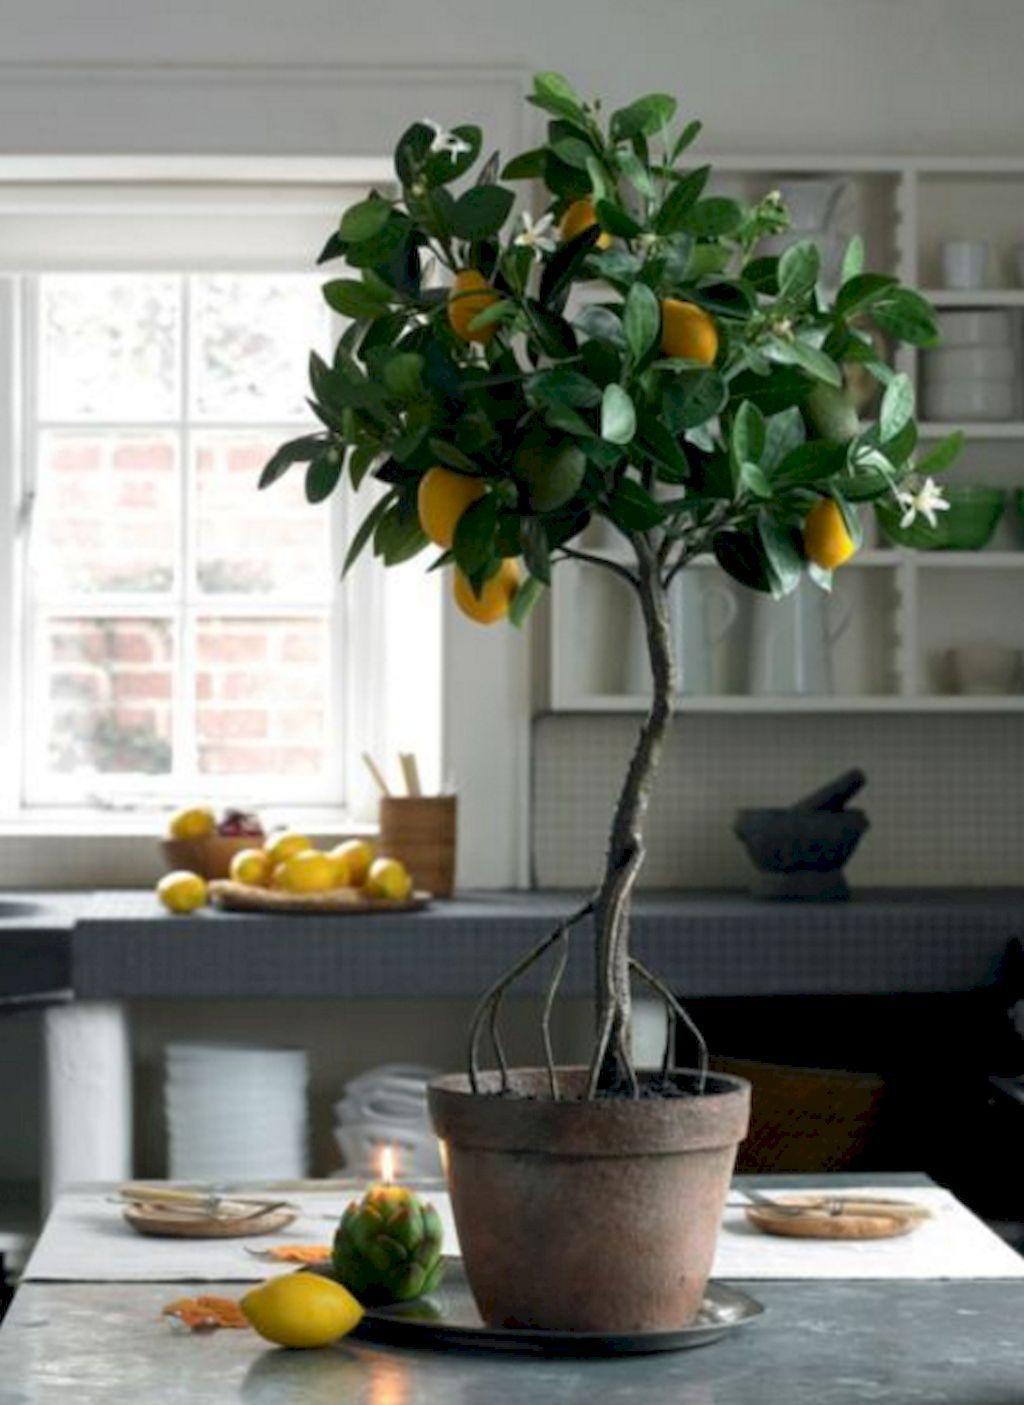 Immagini Di Piante E Alberi 37 adorable indoor plants ideas for summer | piante da